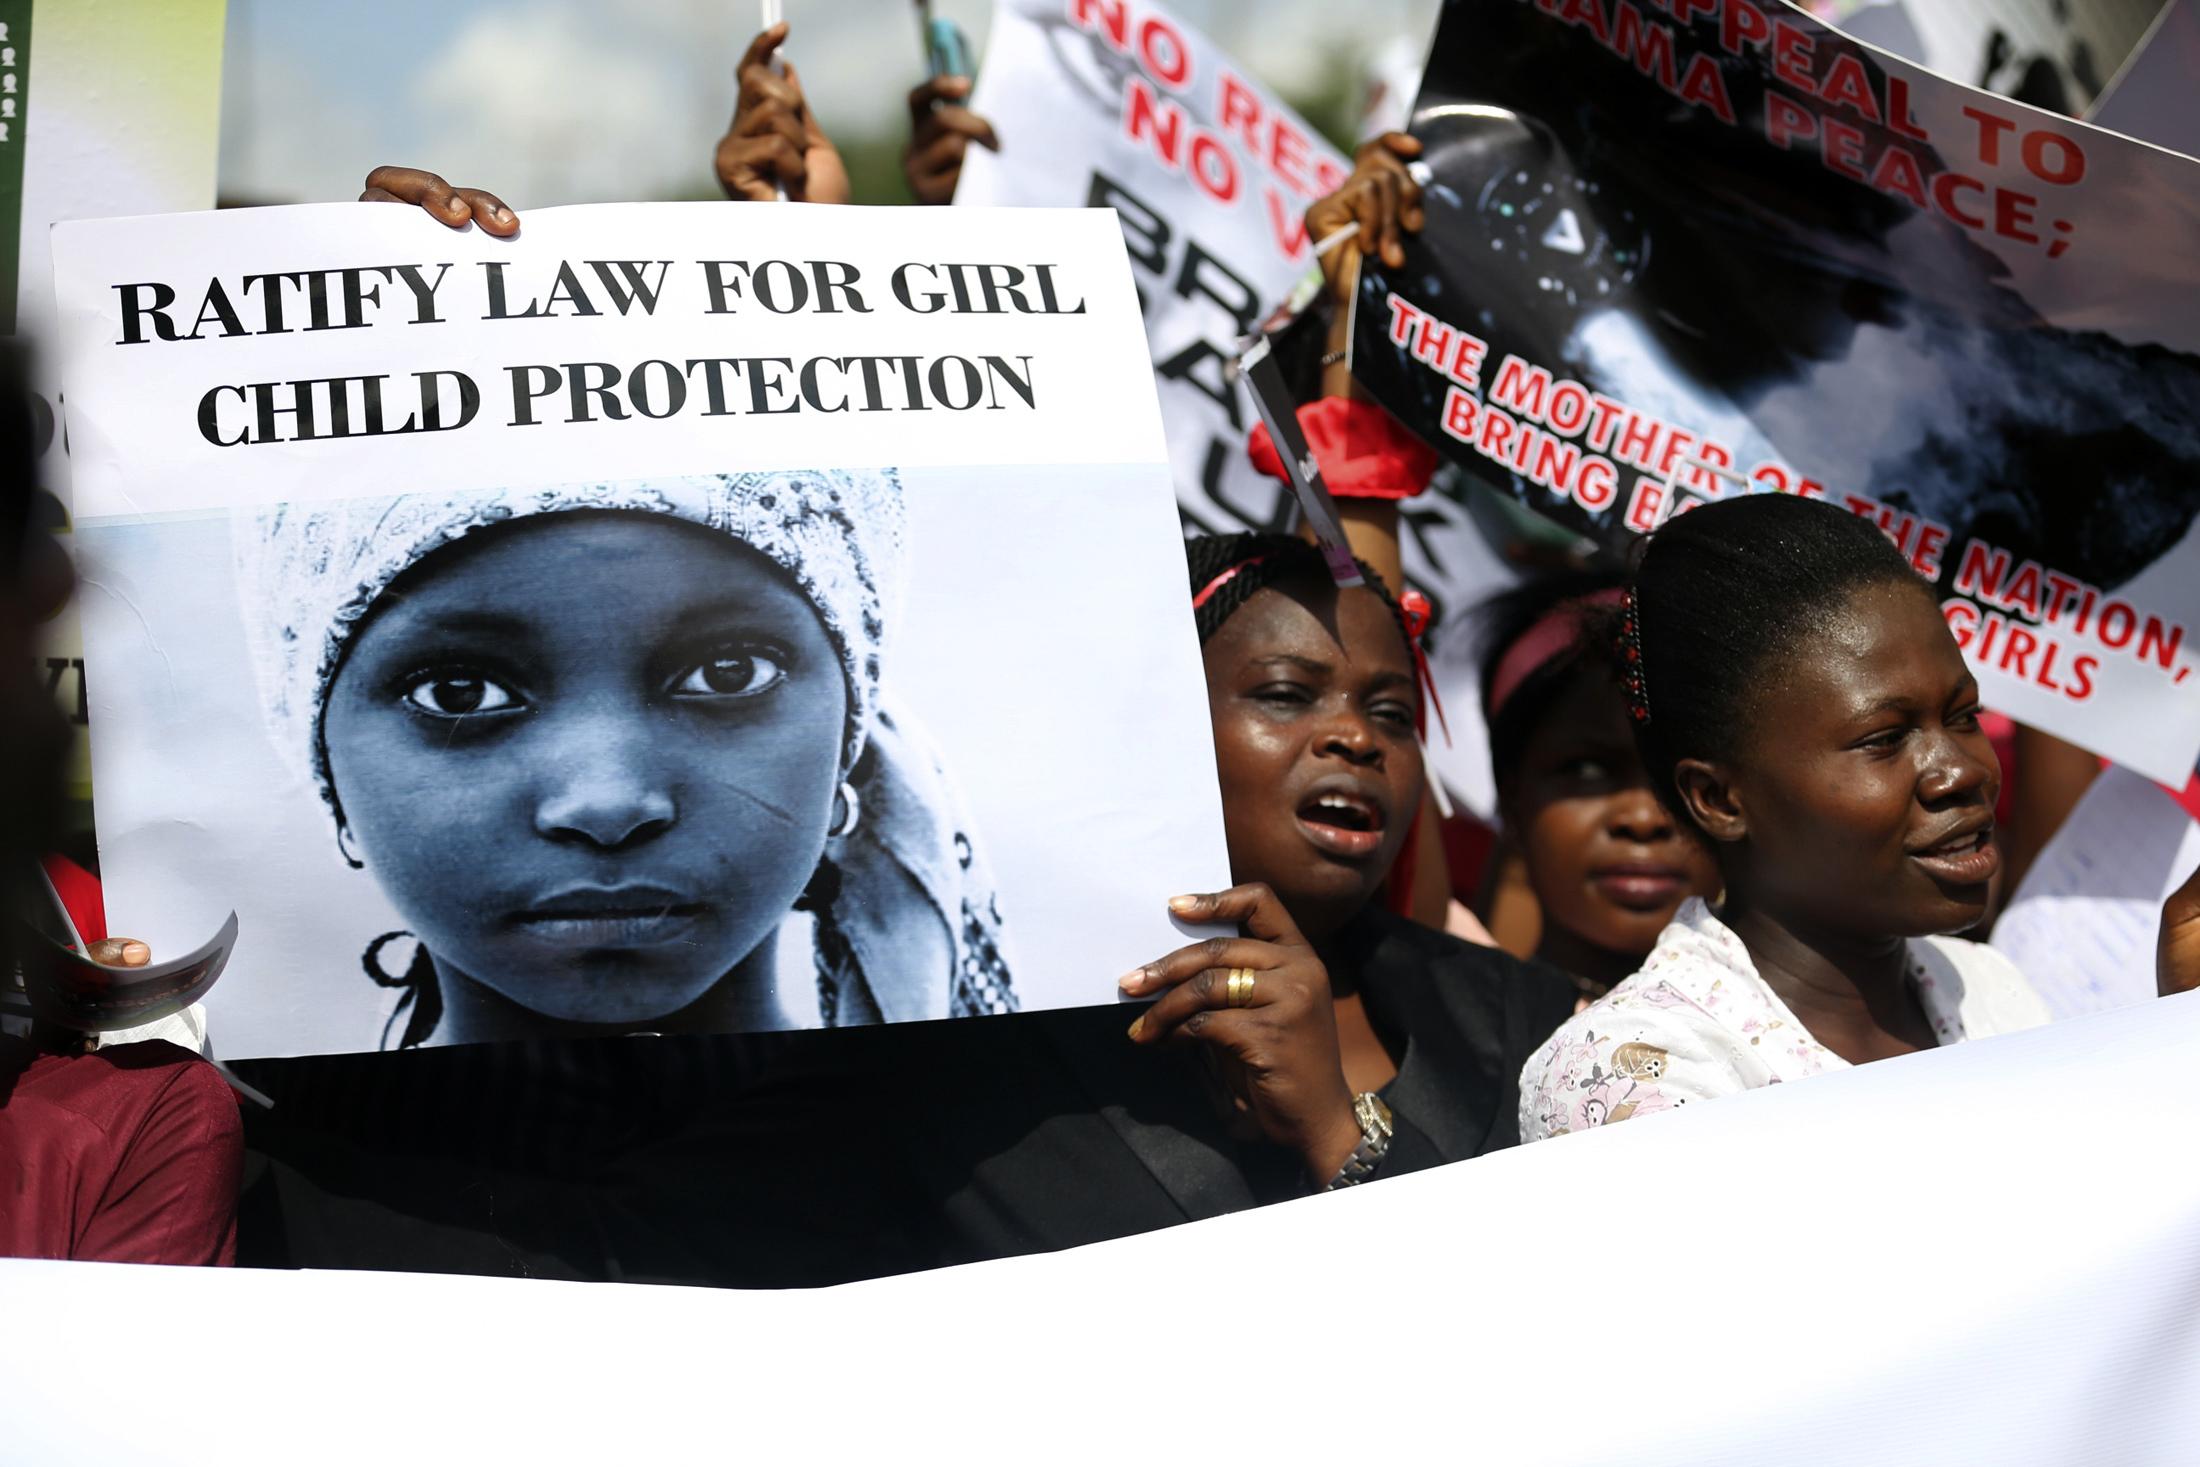 من تظاهرة نيجيرية لإطلاق سراح تليمذات مدارس  اختطفتهن بوكوحرامpri.org